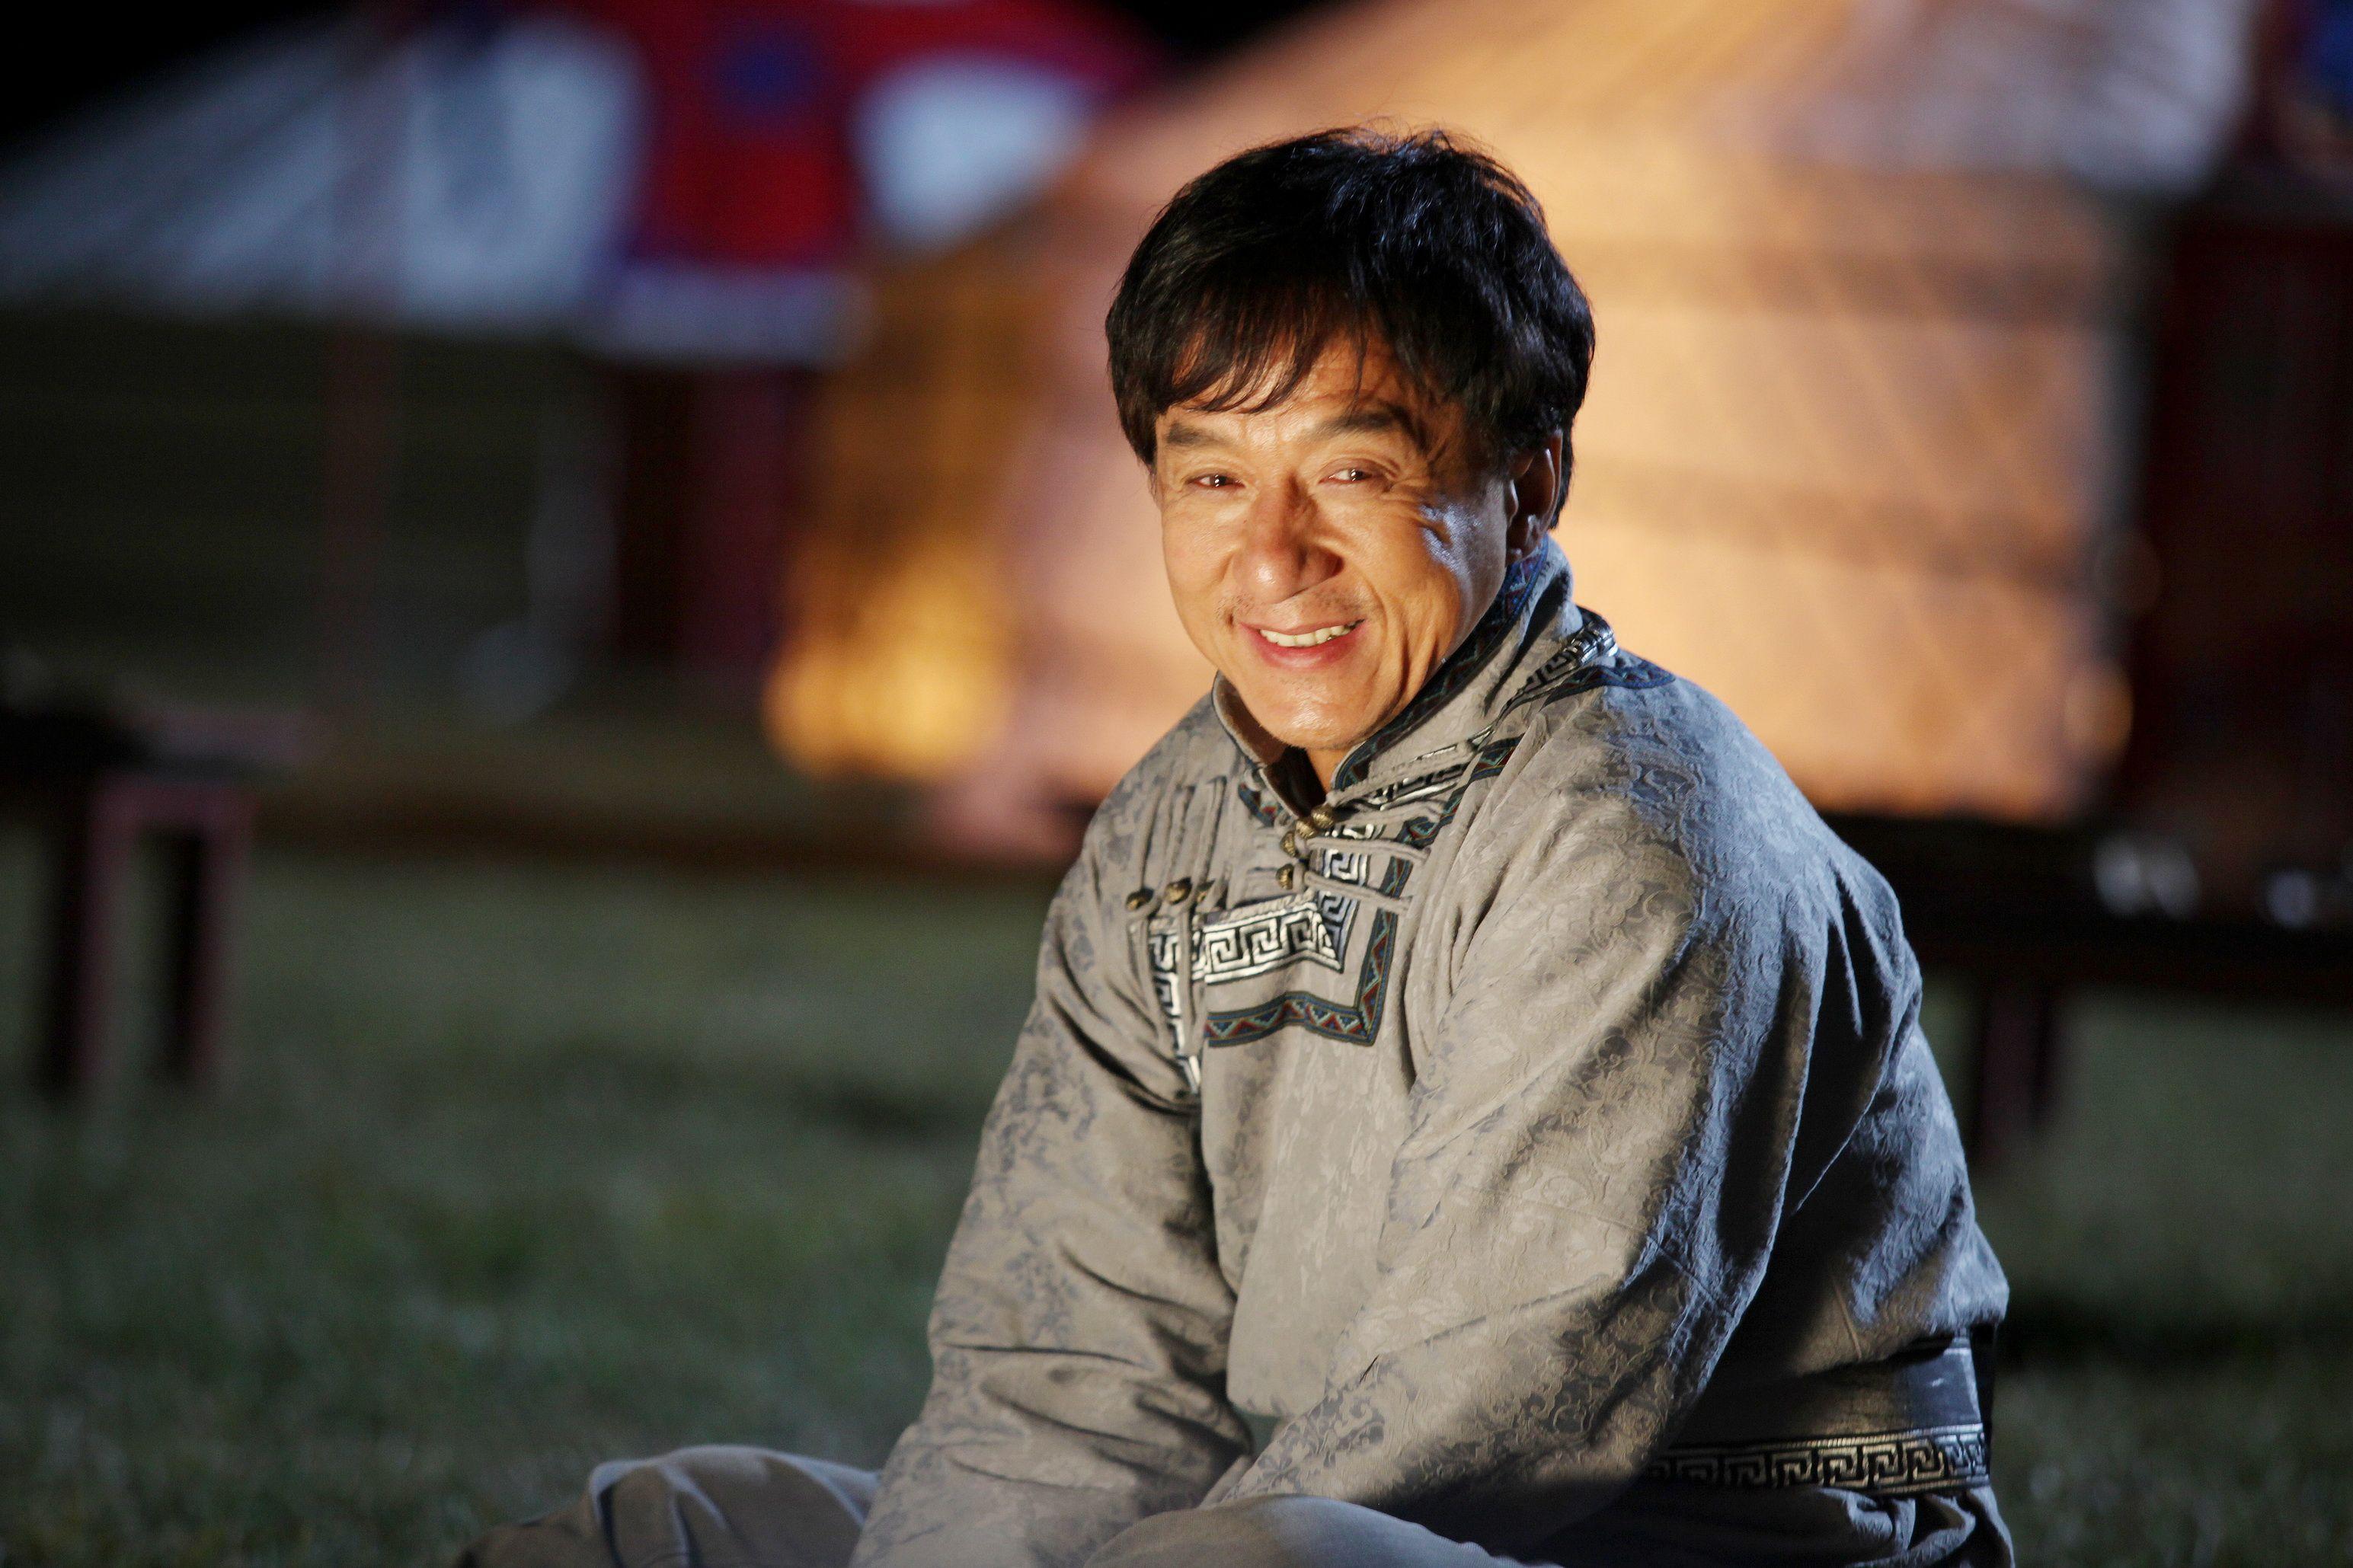 Jackie Chan est né le 7 avril 1954 à Victoria Peak dans lancienne colonie britannique de Hong Kong sous le nom de Chan Kongsang qui signifie né à Hong